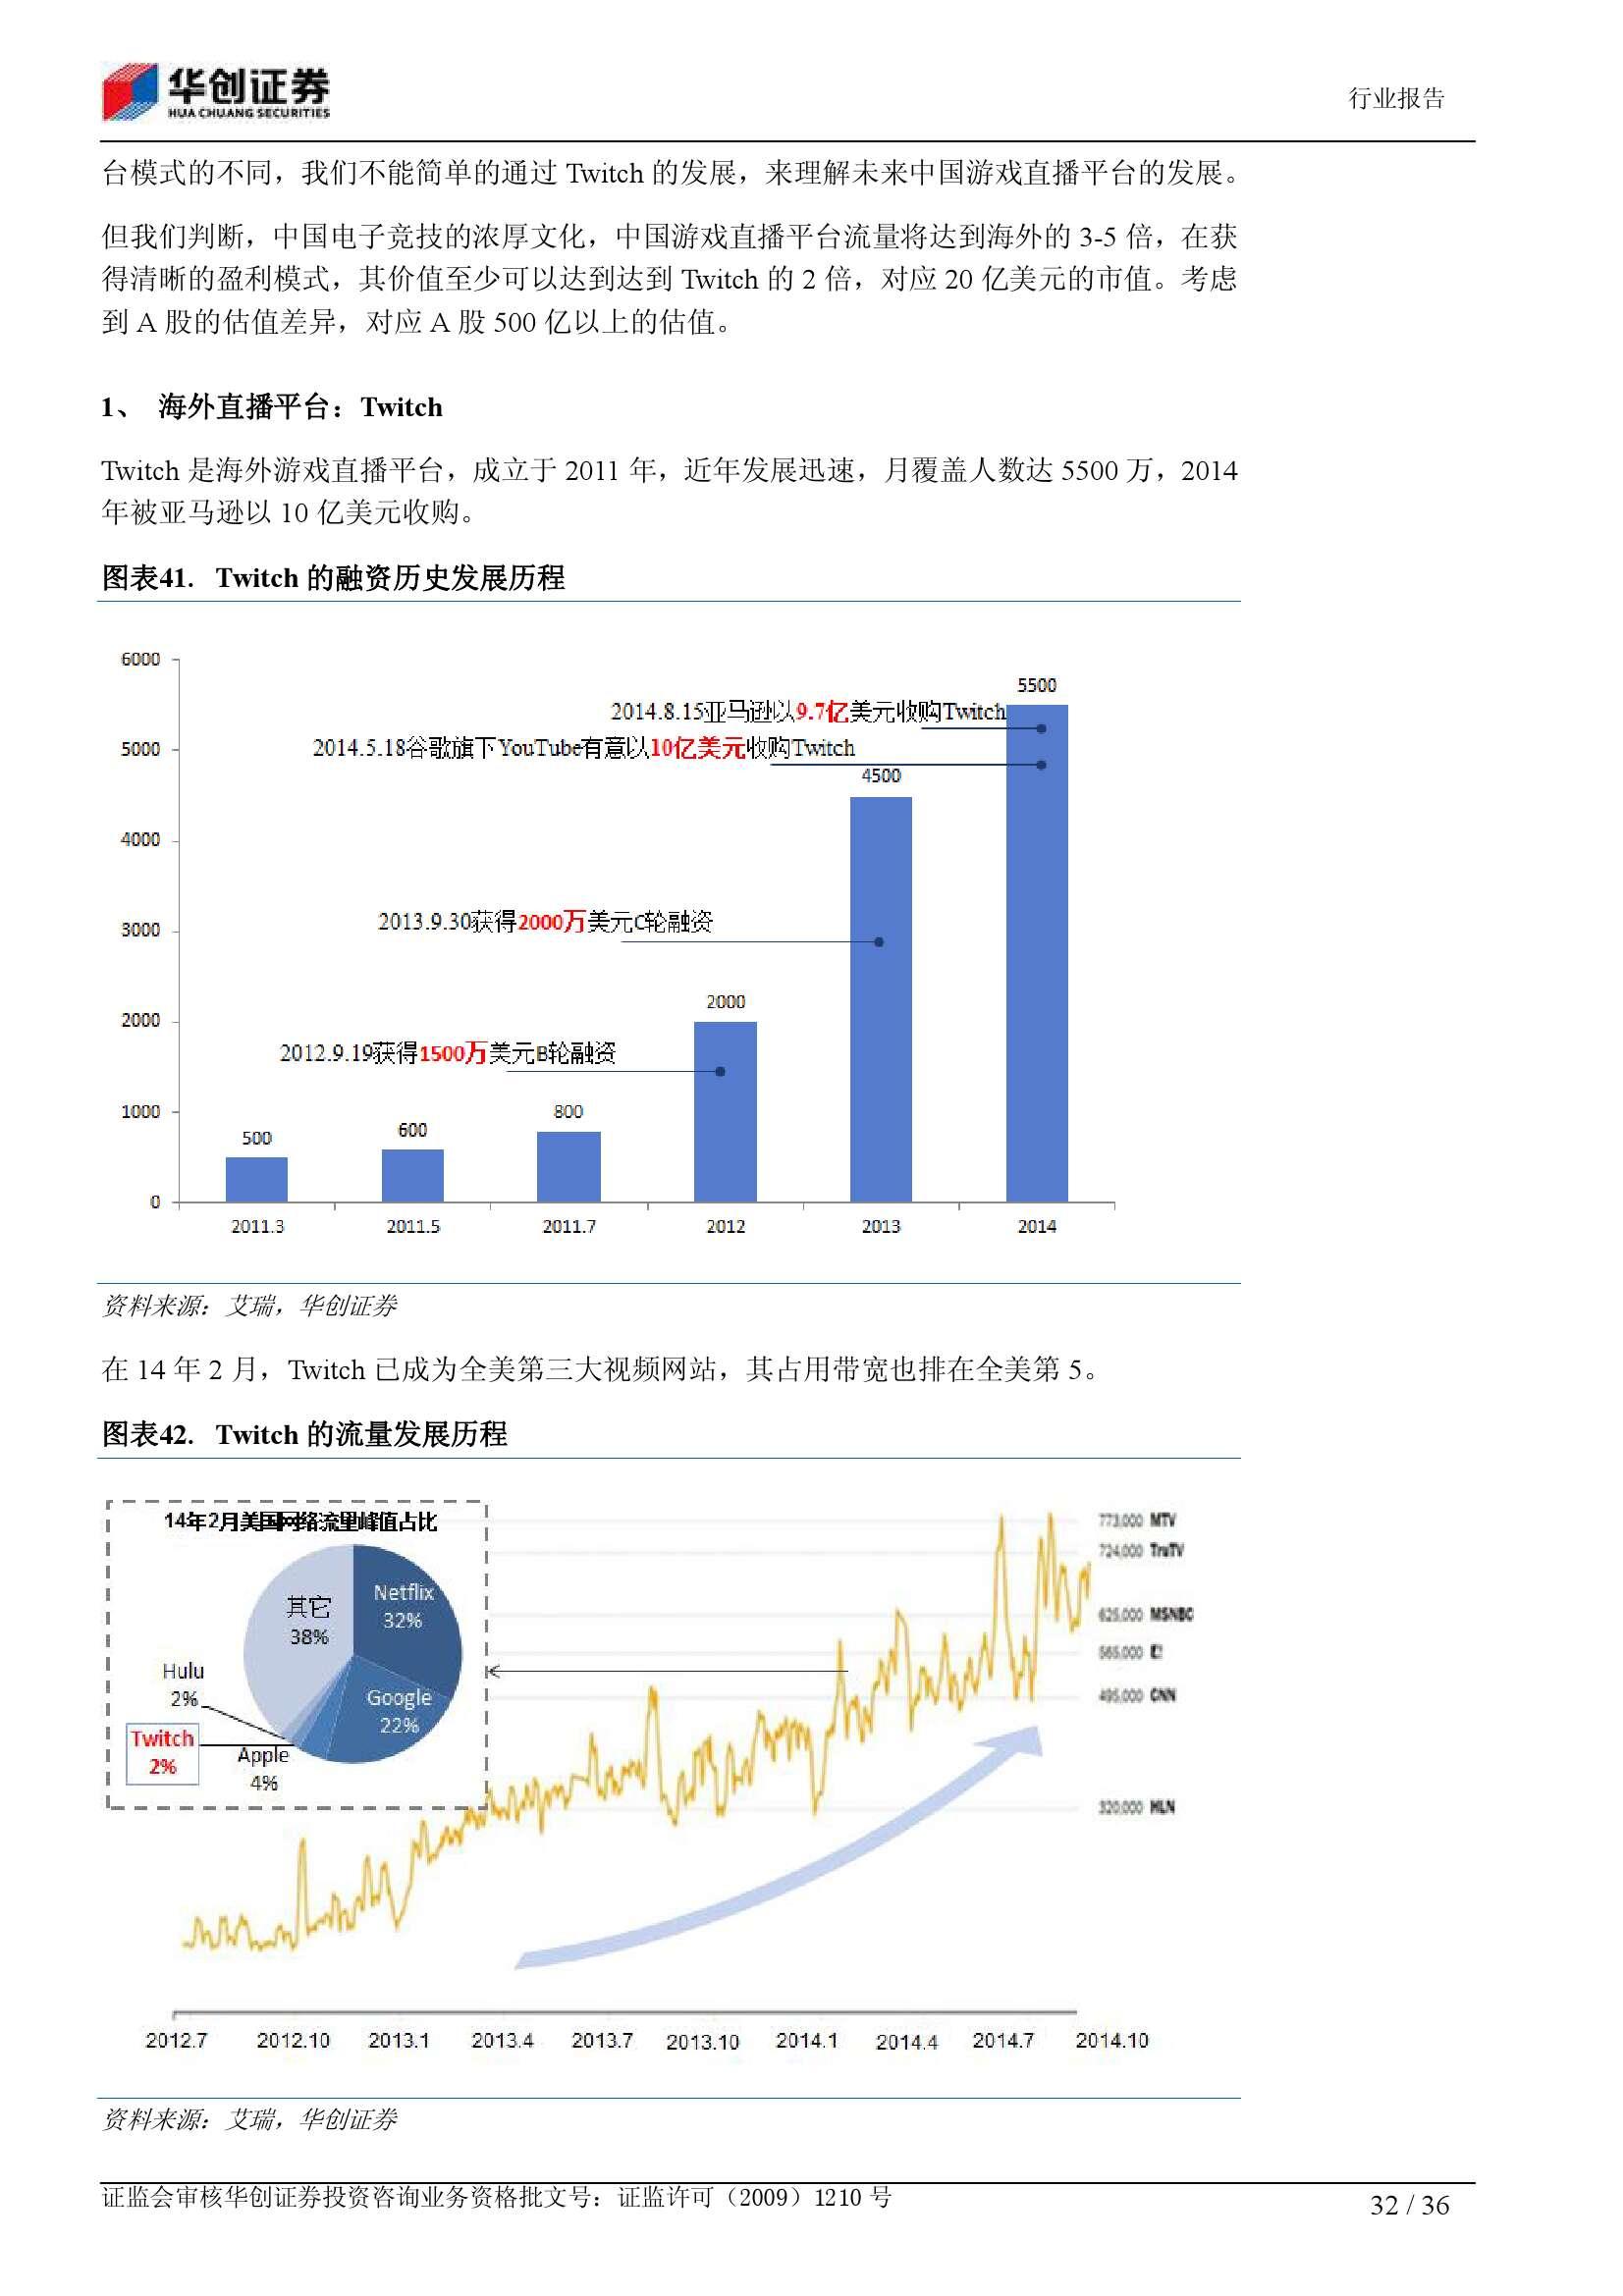 电子竞技深度报告:从小众娱乐 到千亿产业_000032